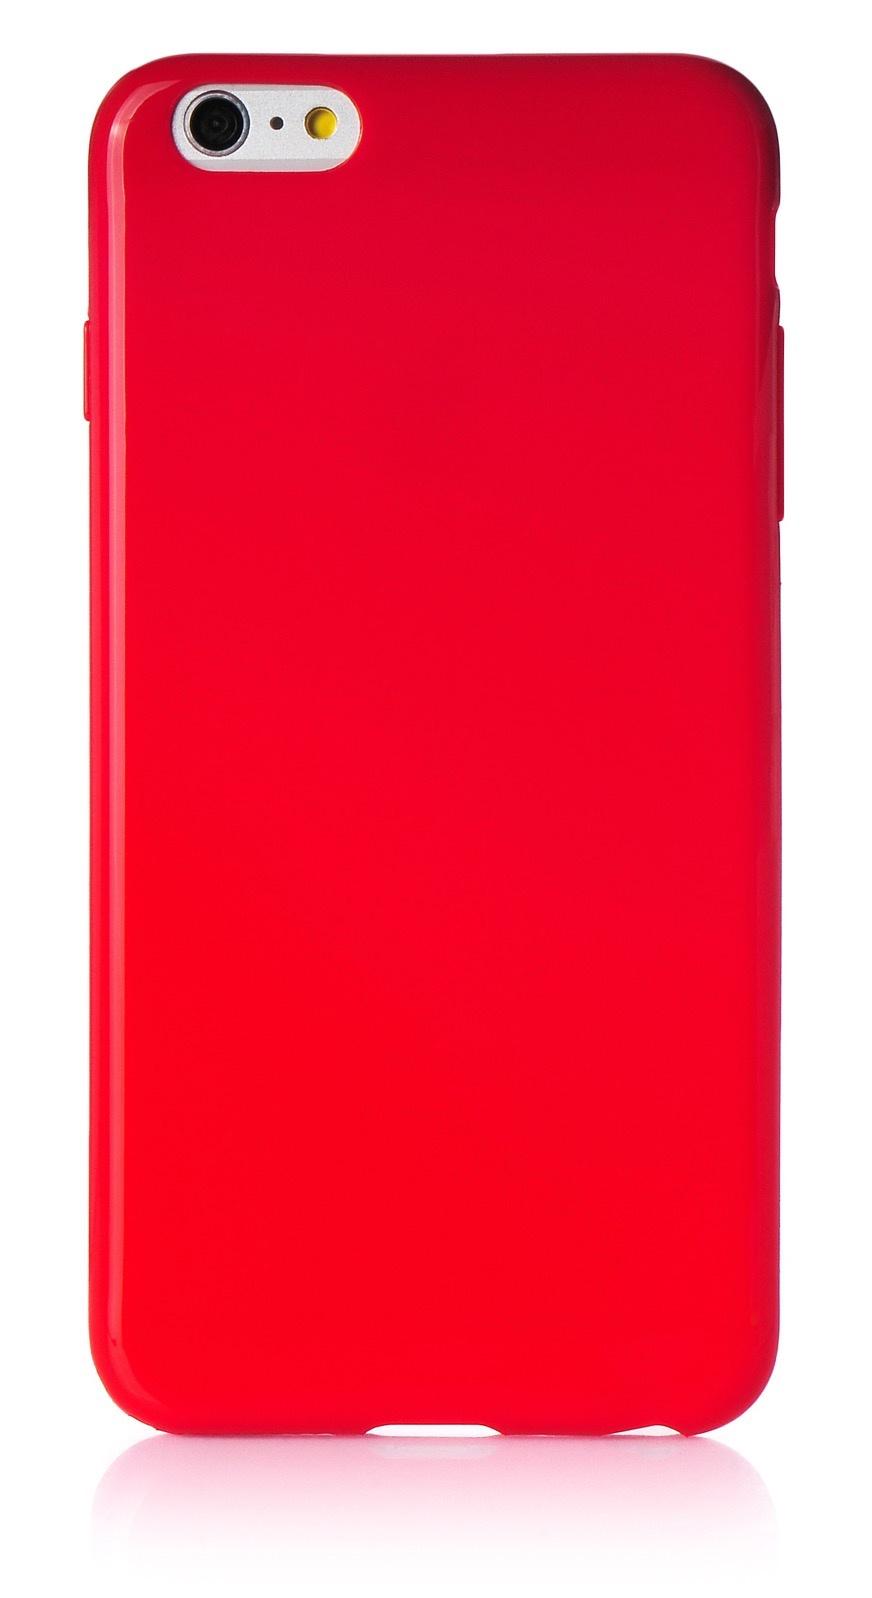 """Чехол для сотового телефона iNeez накладка силикон мыльница 620113 для Apple Iphone 6 Plus/6S Plus 5.5"""", красный"""